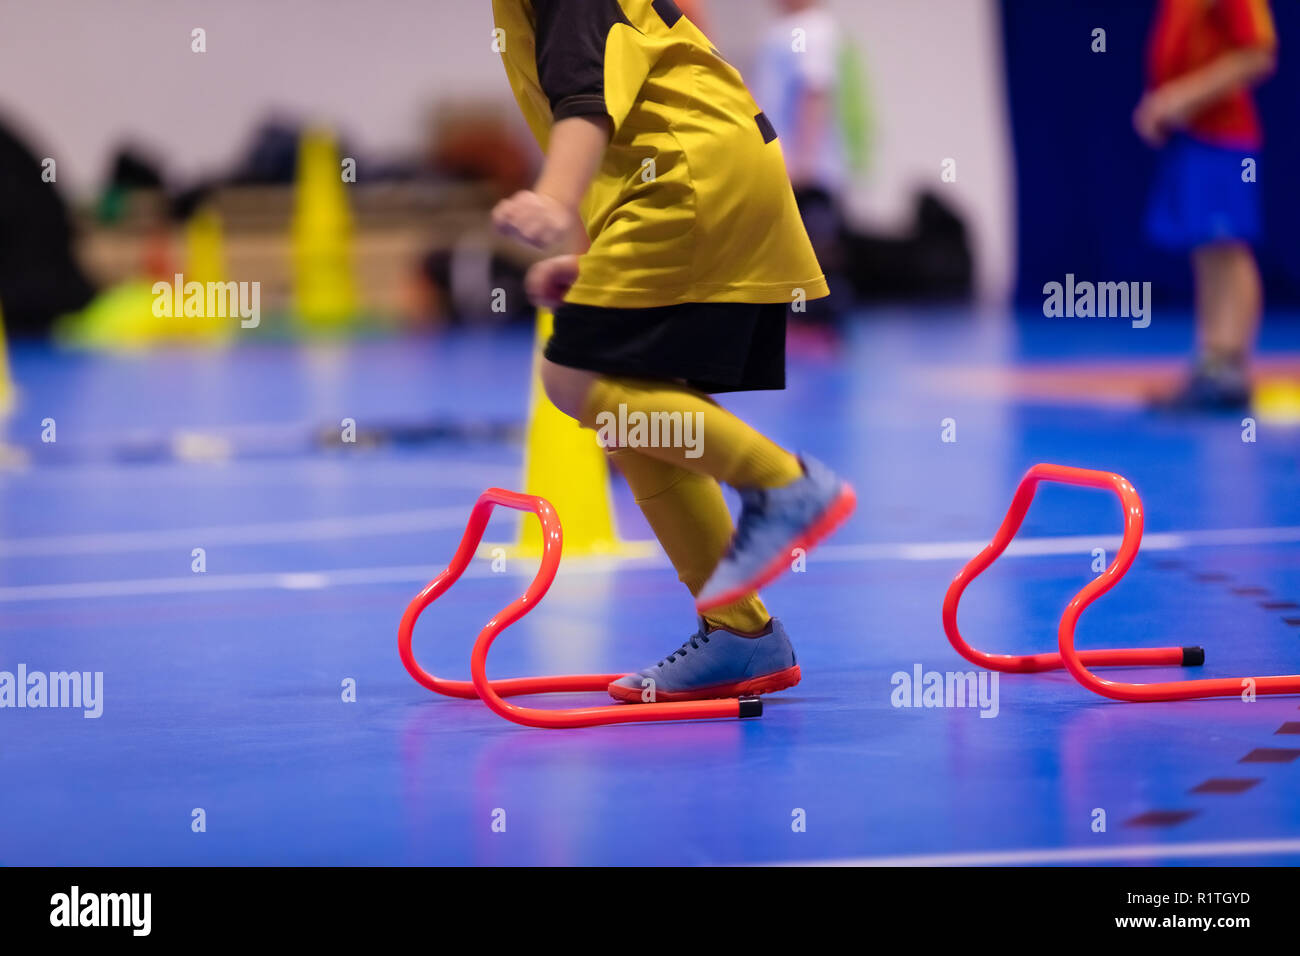 Los niños saltando de futsal entrenamiento de ejercicios. Futsal fútbol  sesiones de entrenamiento. Jugadores de fútbol sala para niños el ejercicio  de ... 7d478c56beb6c